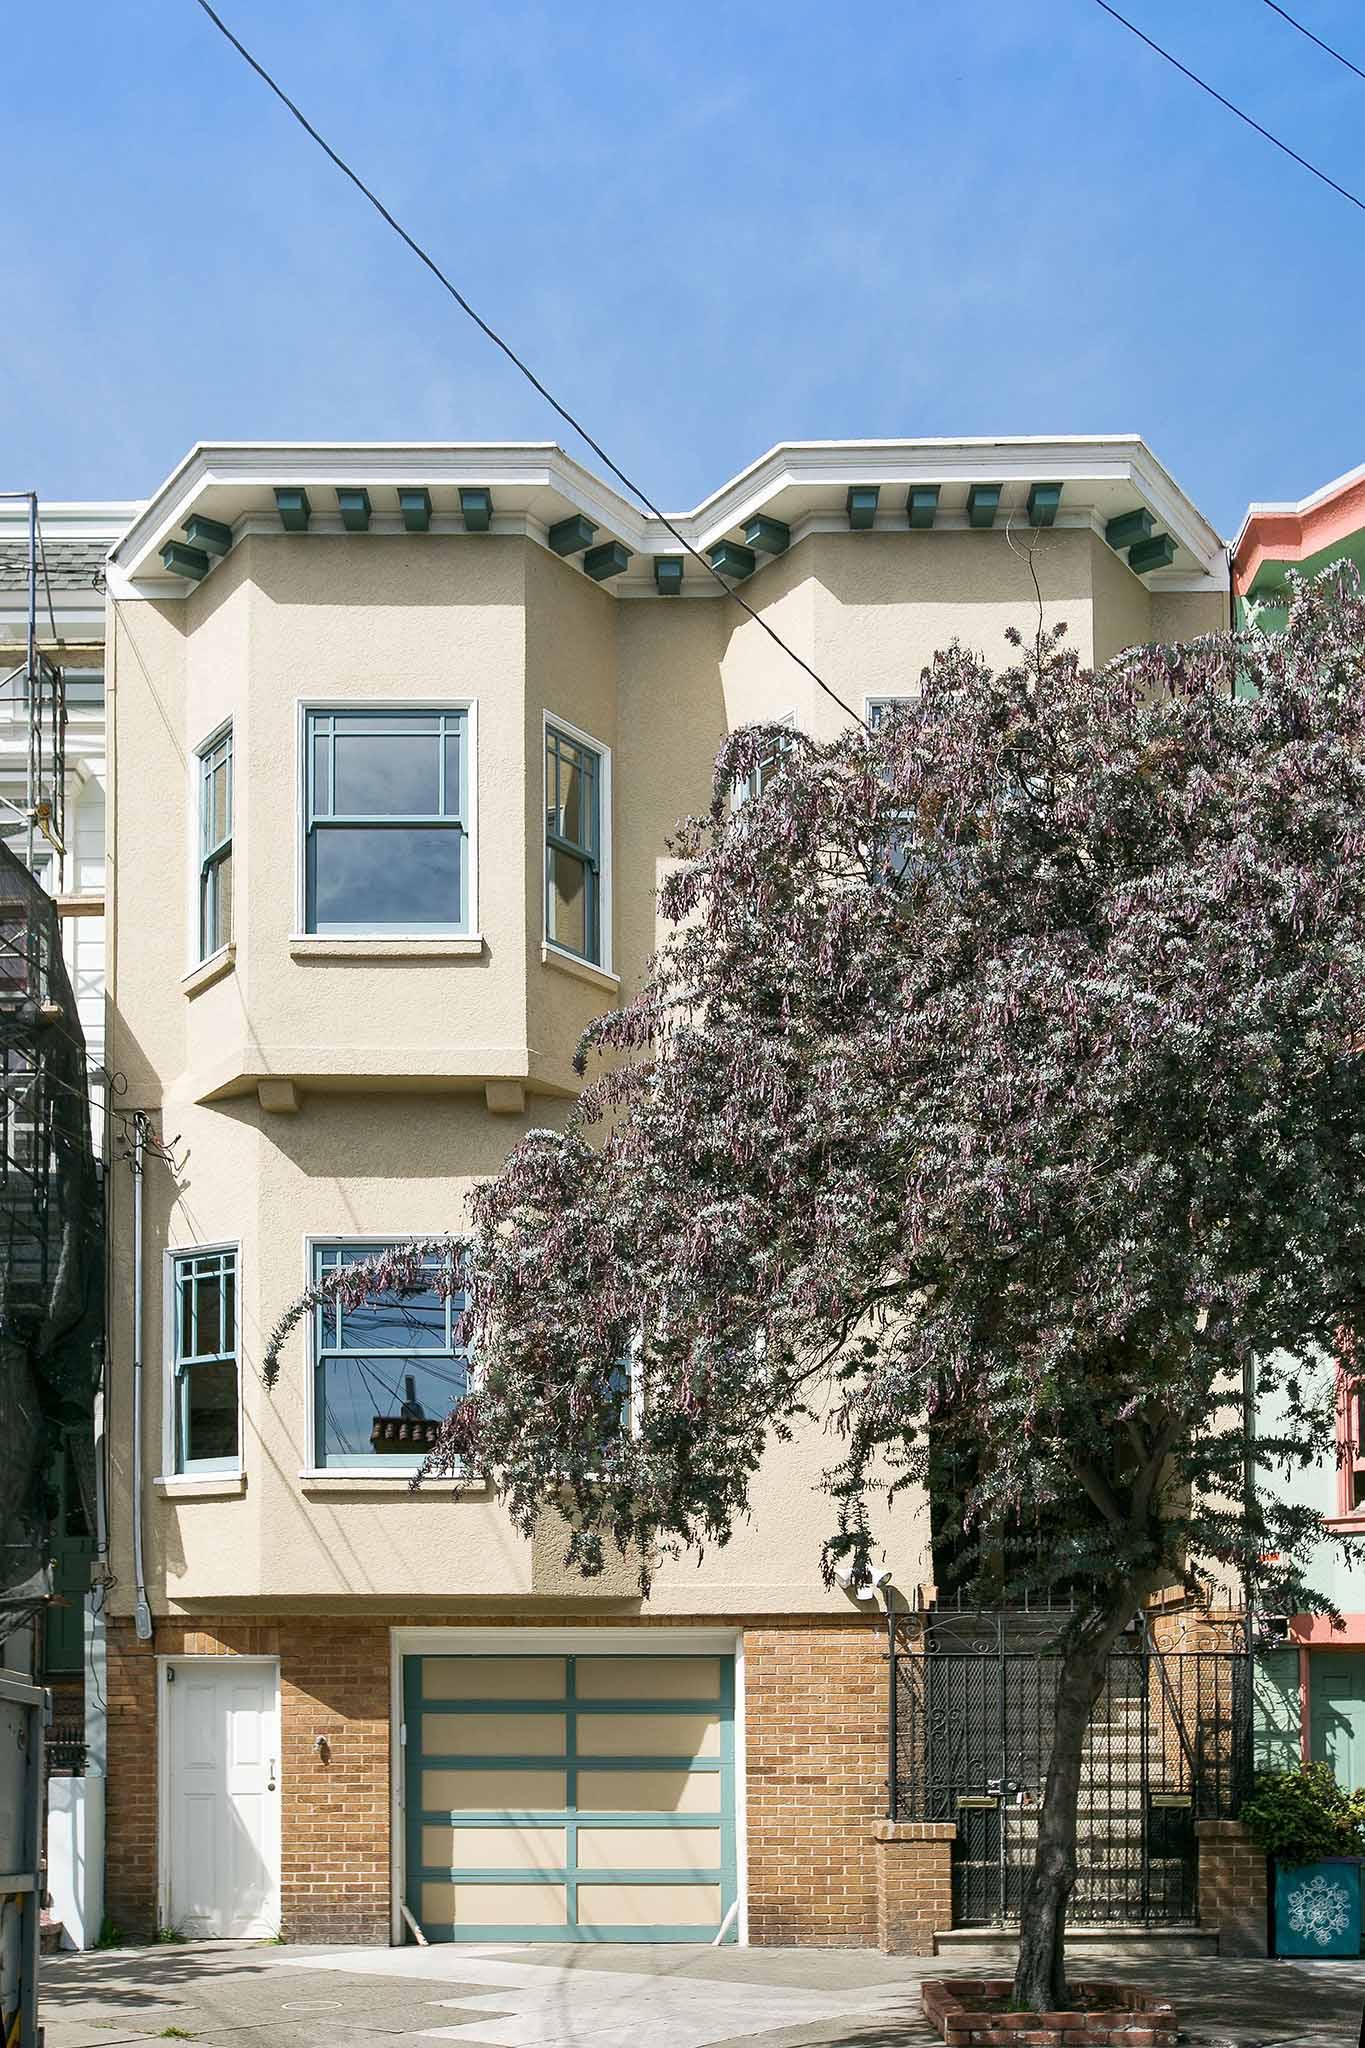 1142-1144 Treat Ave., San Francisco